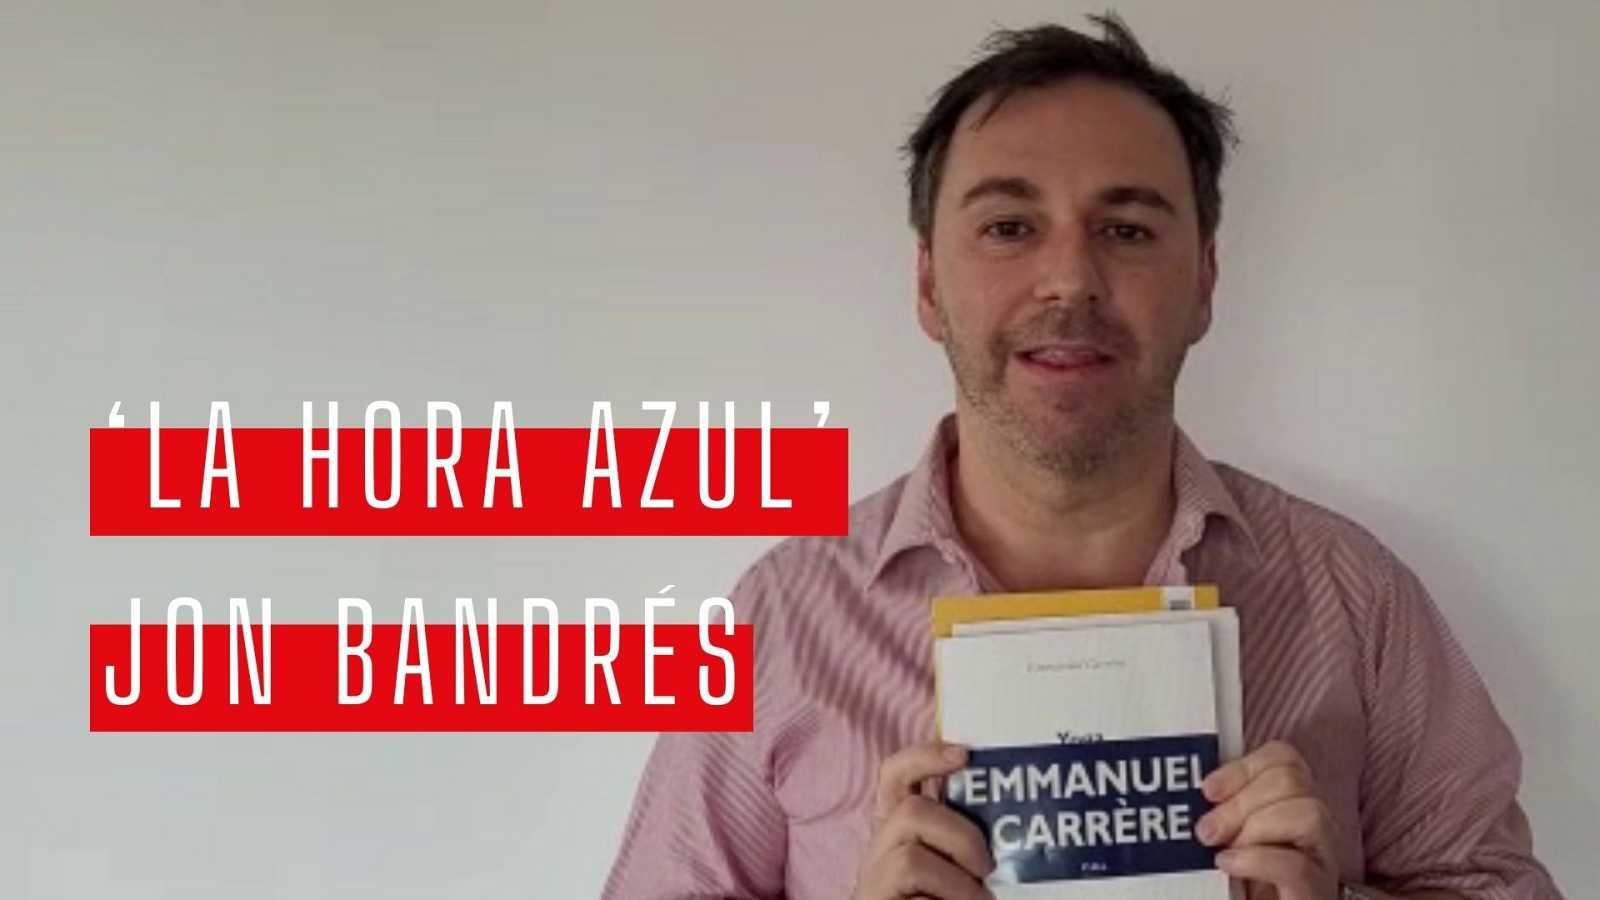 La hora azul - Día del libro: las recomendaciones de Jon Bandrés - Ver ahora